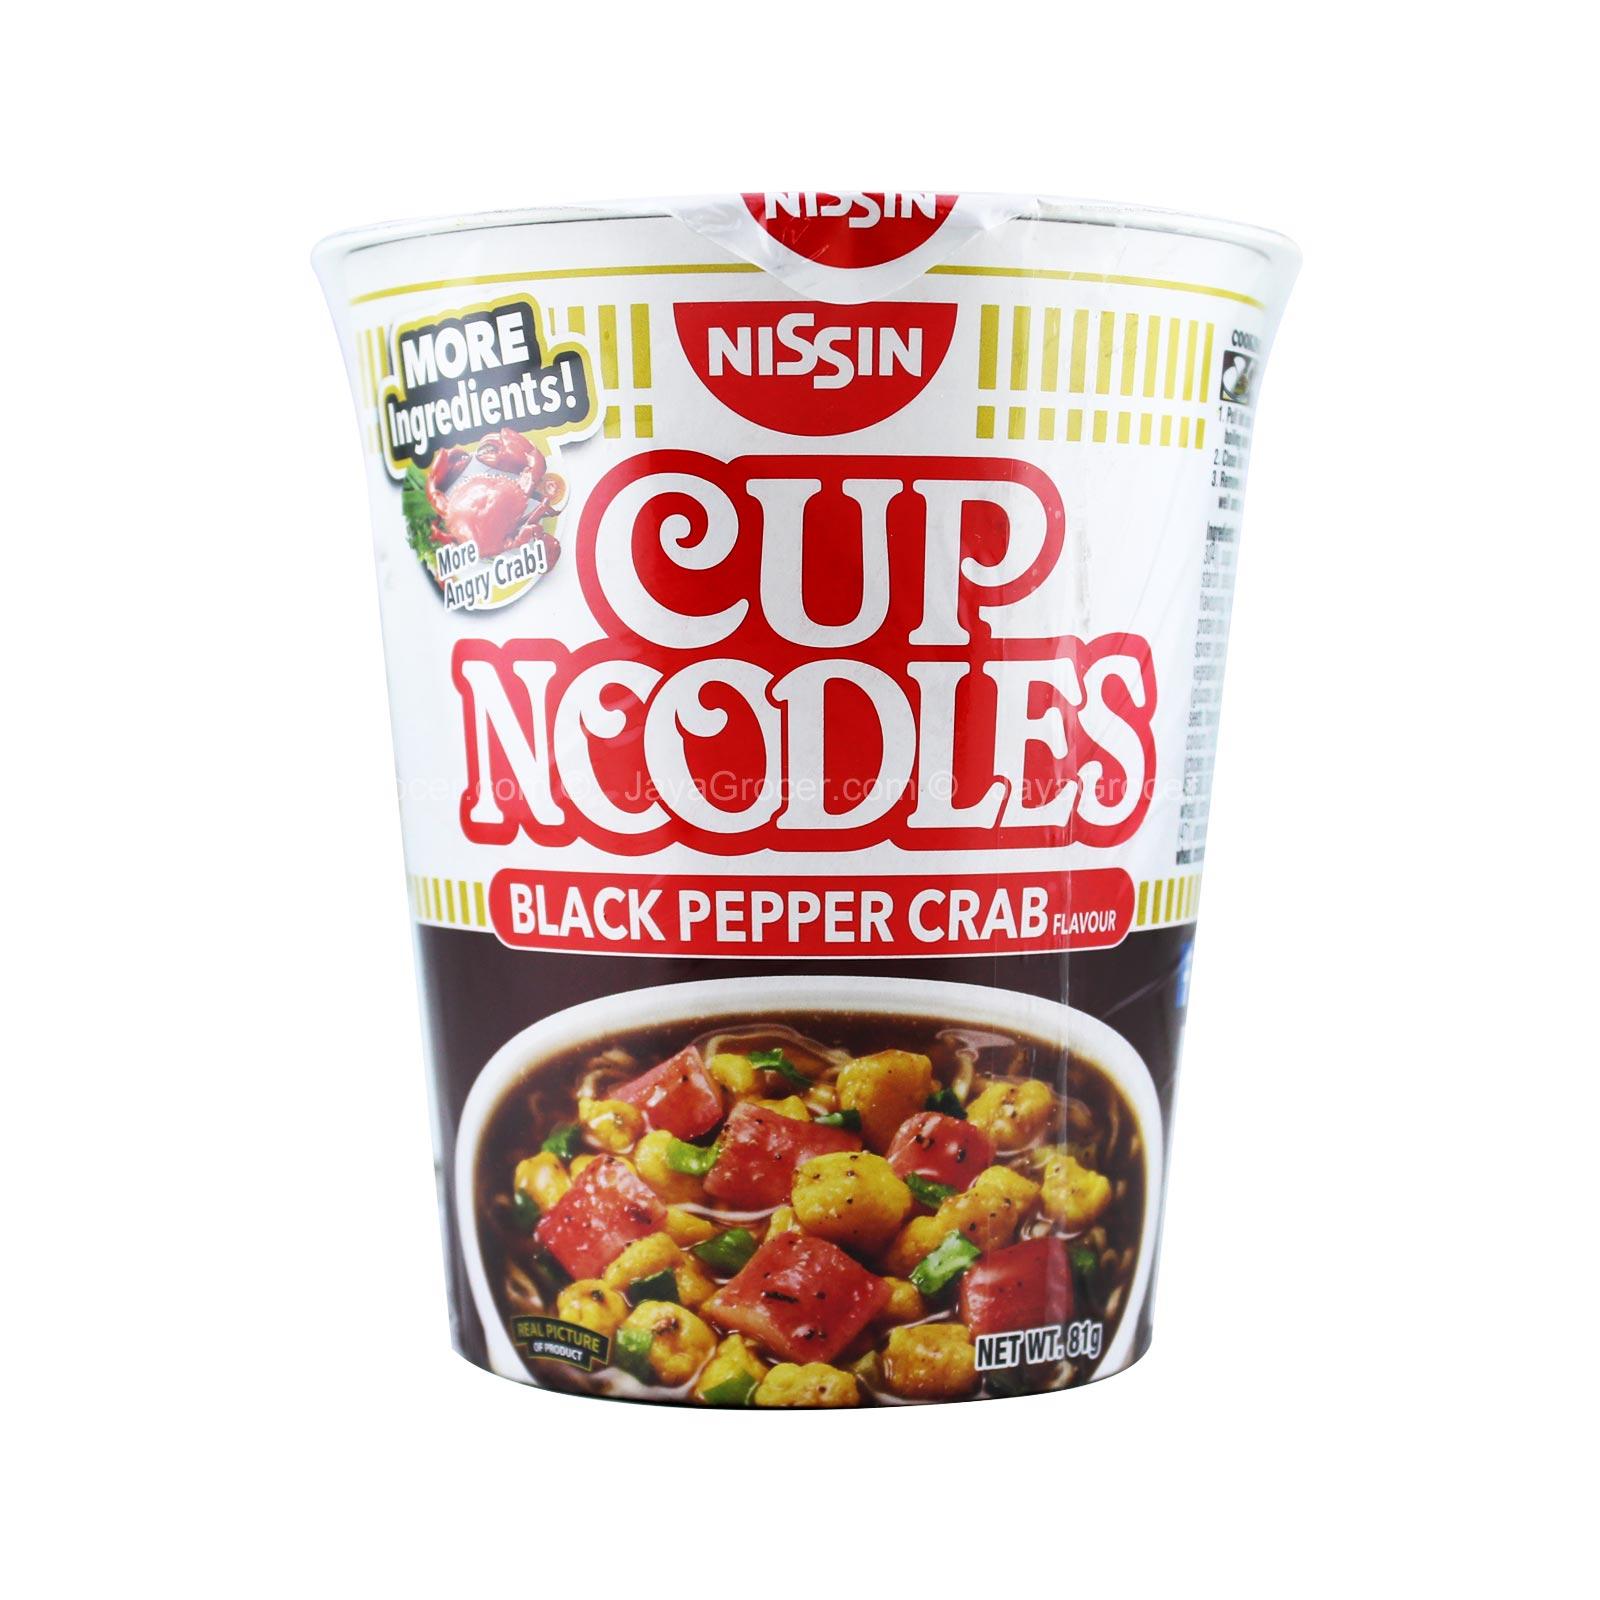 Cup Noodles Black Pepper Crab | Sumber: Jaya Grocer